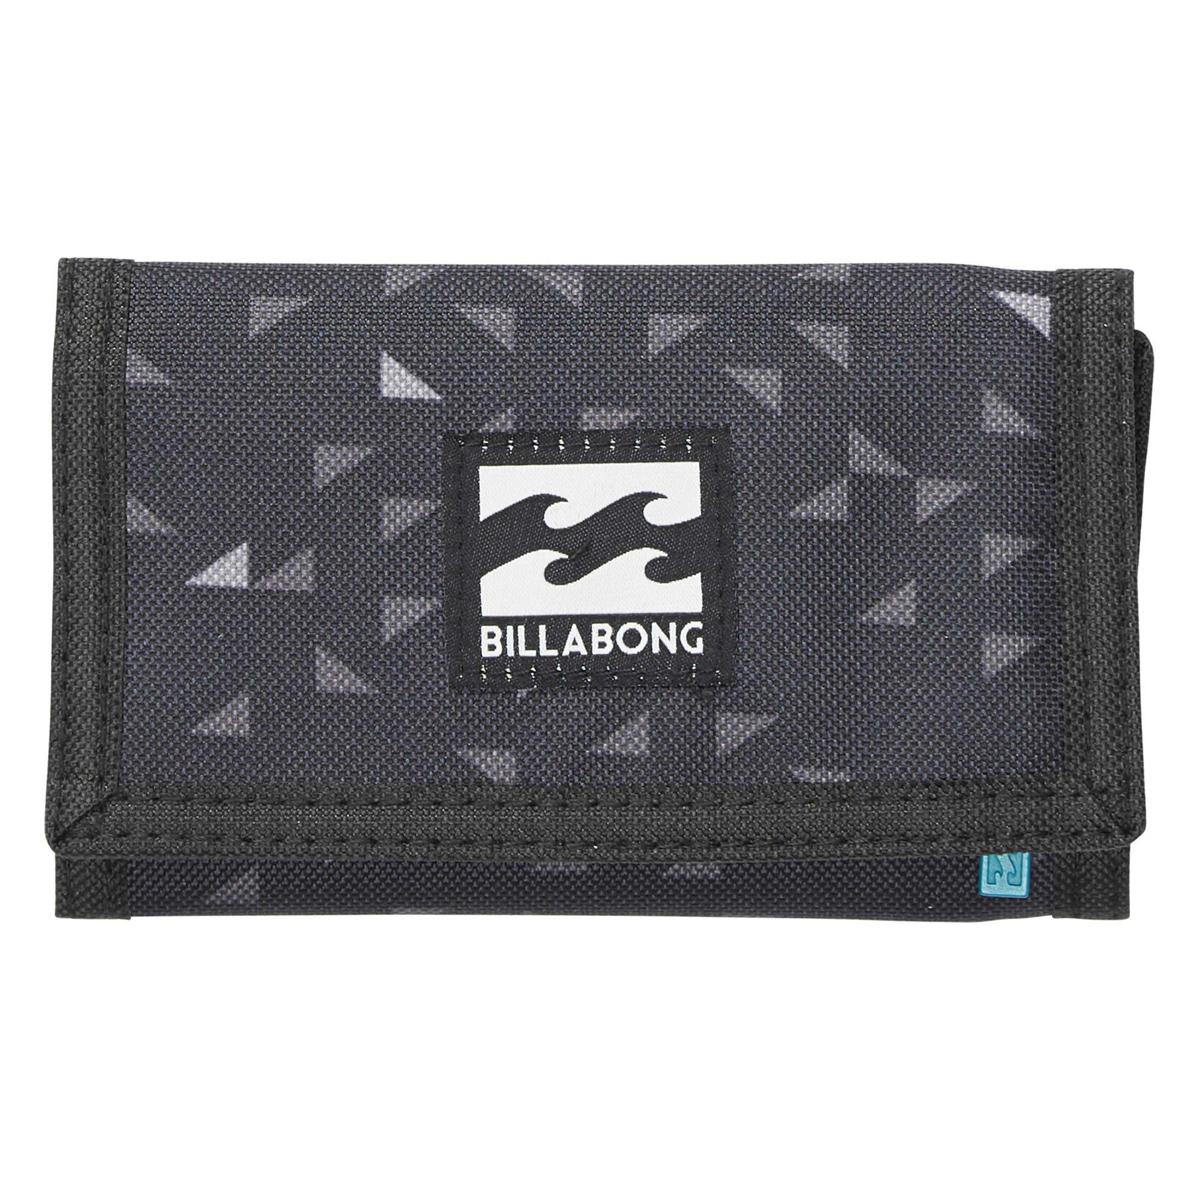 Кошелек дорожный Billabong Atom Wallet, цвет: черный, 1 л. Z5WL02Z5WL02Классический тряпичный кошелек с новыми расцветками от Billabong.